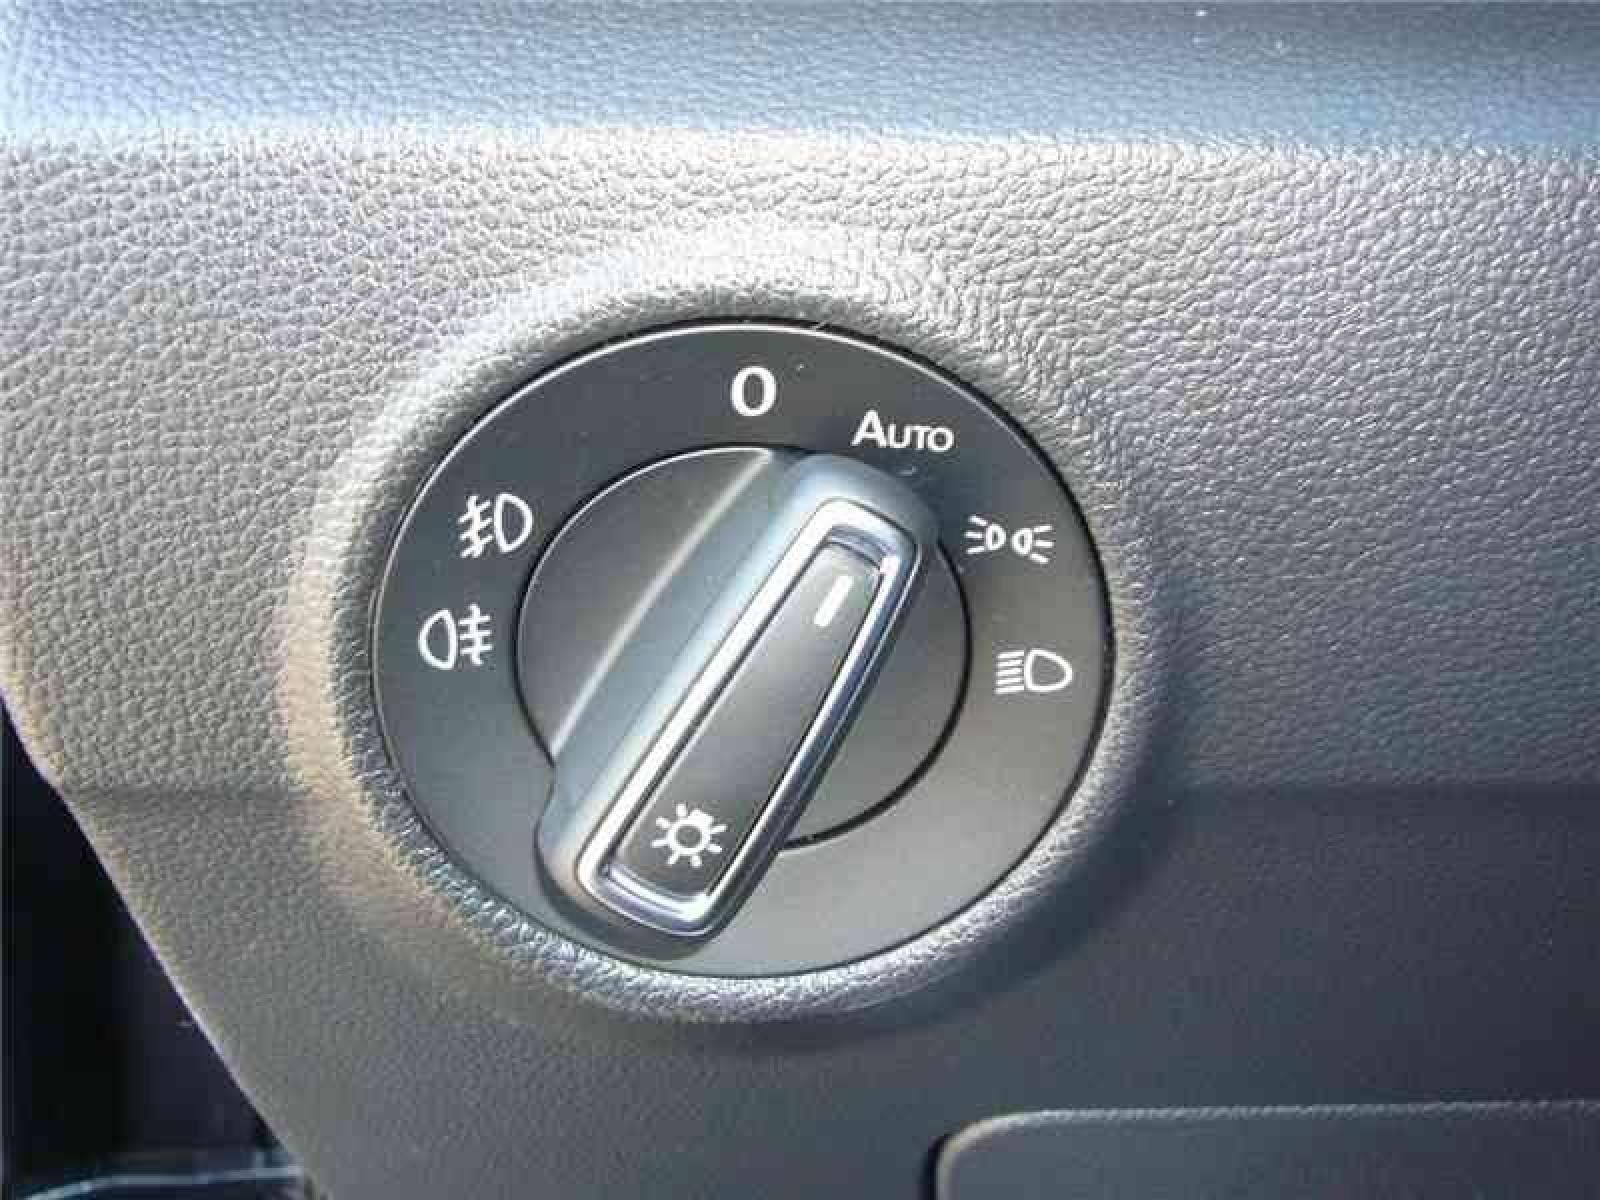 VOLKSWAGEN T-Roc 1.5 TSI 150 EVO Start/Stop DSG7 - véhicule d'occasion - LEMAUVIEL AUTOMOBILES - Présentation site web V2 - Lemauviel automobiles - AVRANCHES - 50300 - LE VAL-SAINT-PÈRE - 10